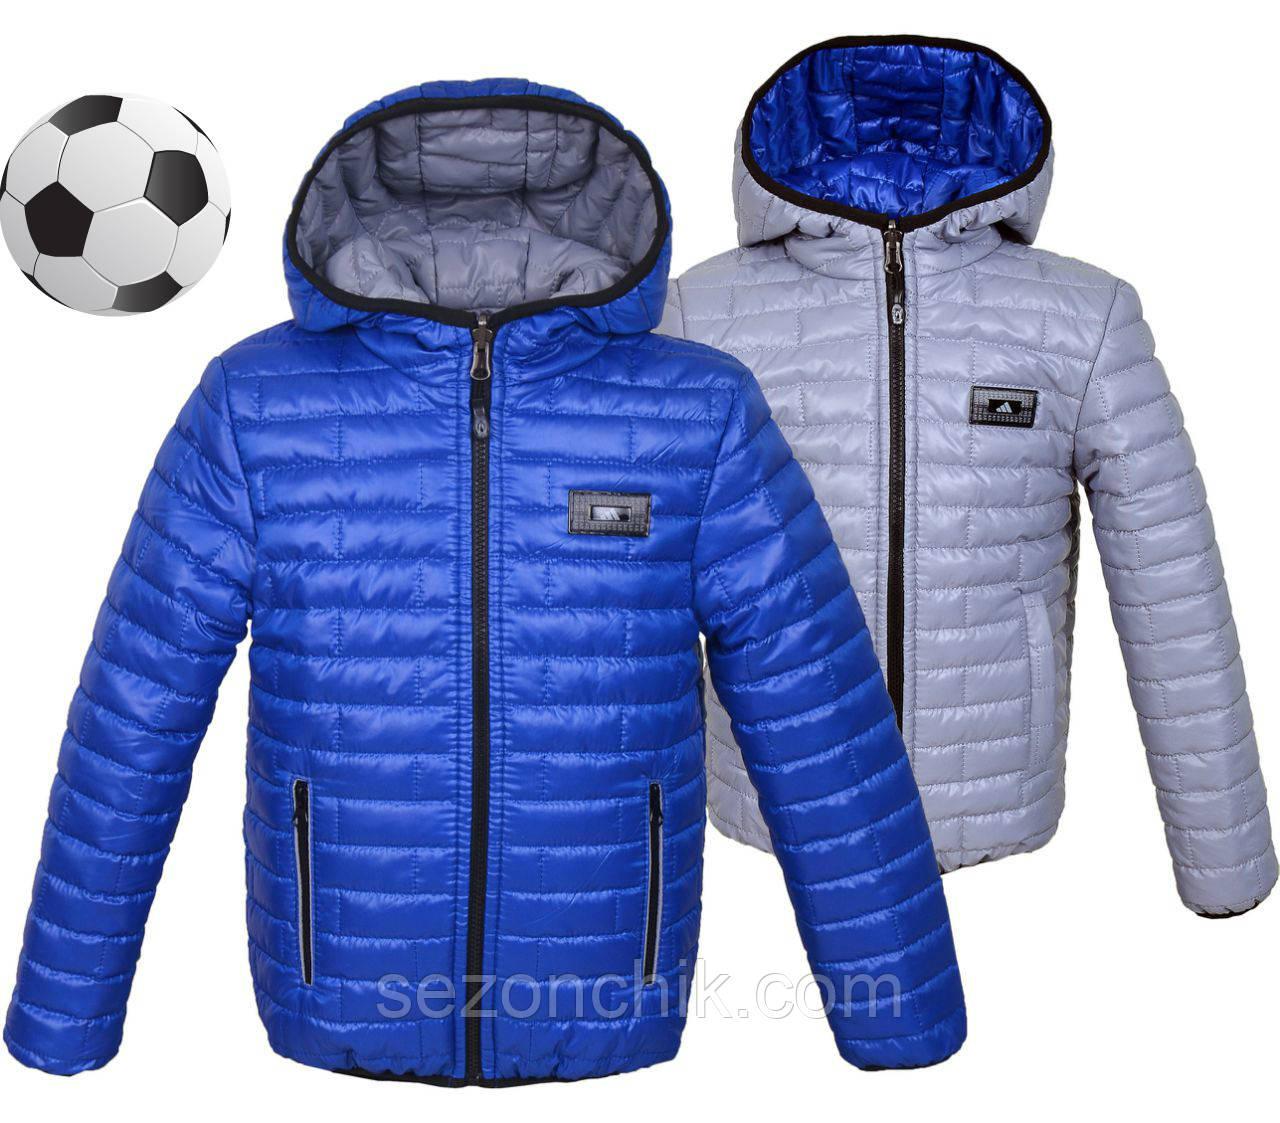 Весенняя куртка для мальчика двухсторонняя новинка